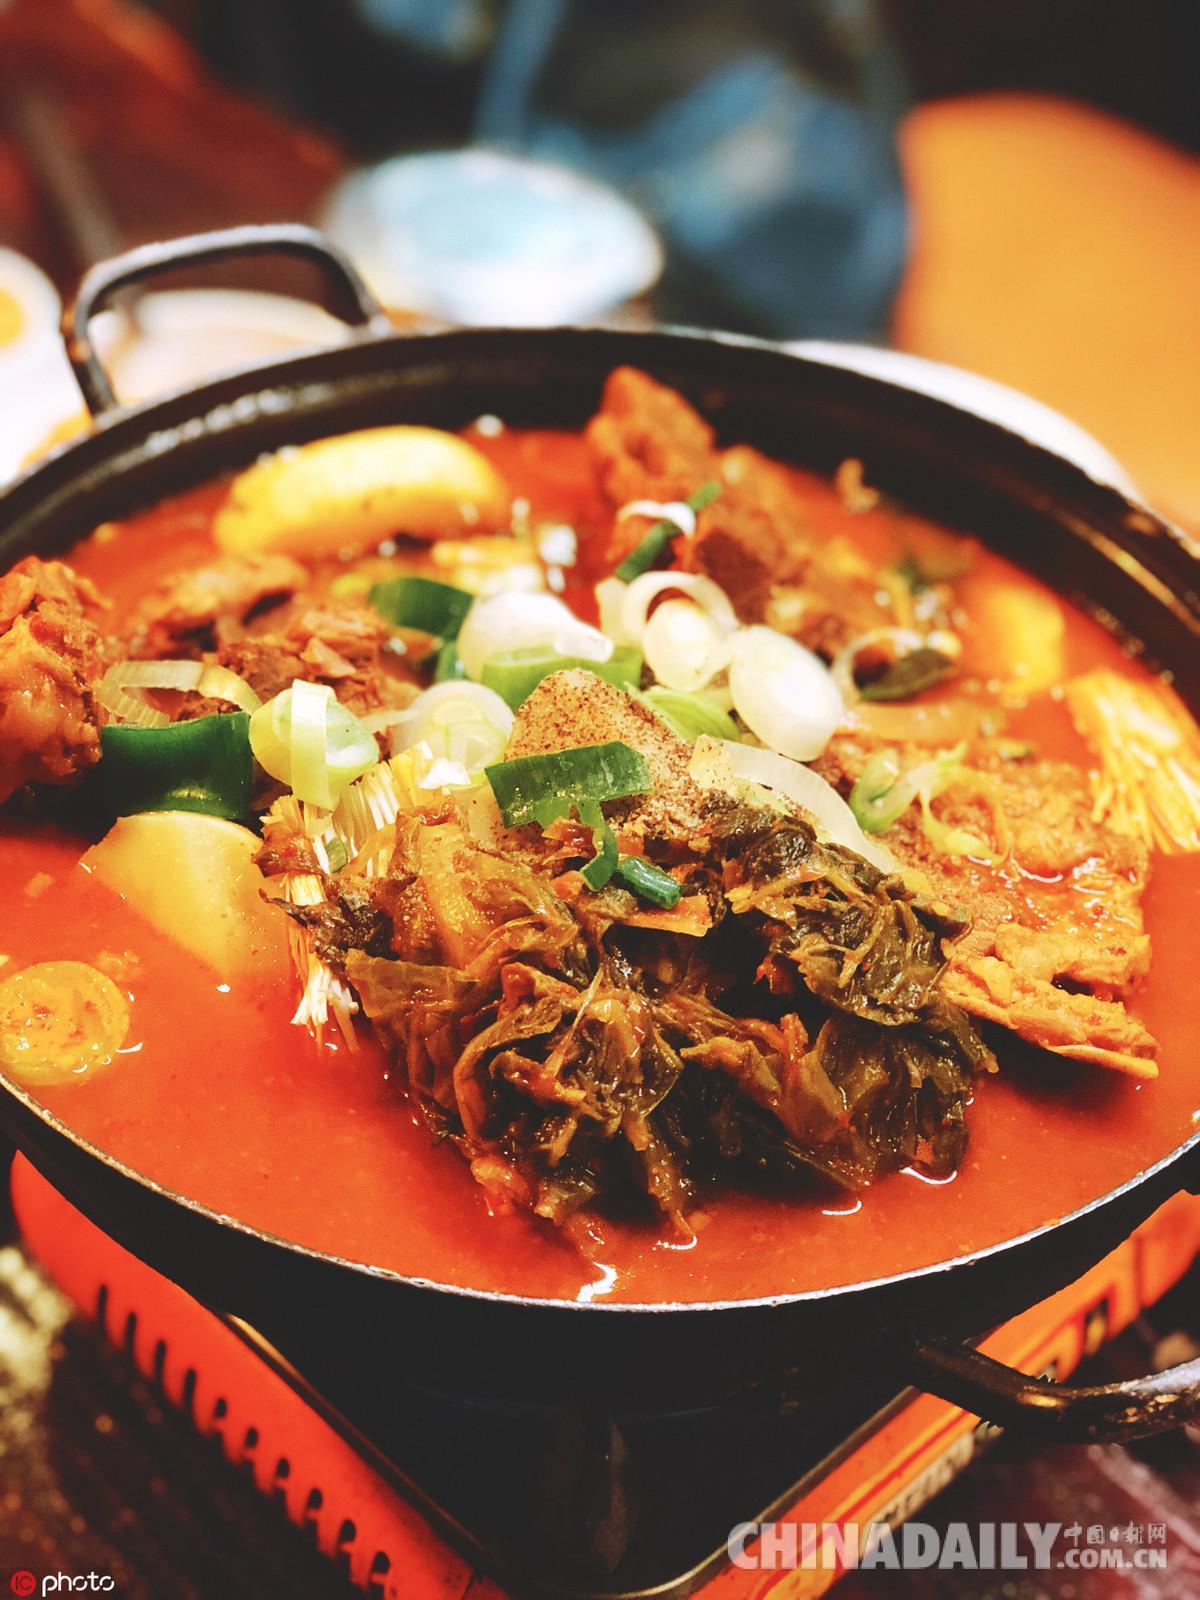 去韩国旅游必看 首尔美食景点一网打尽